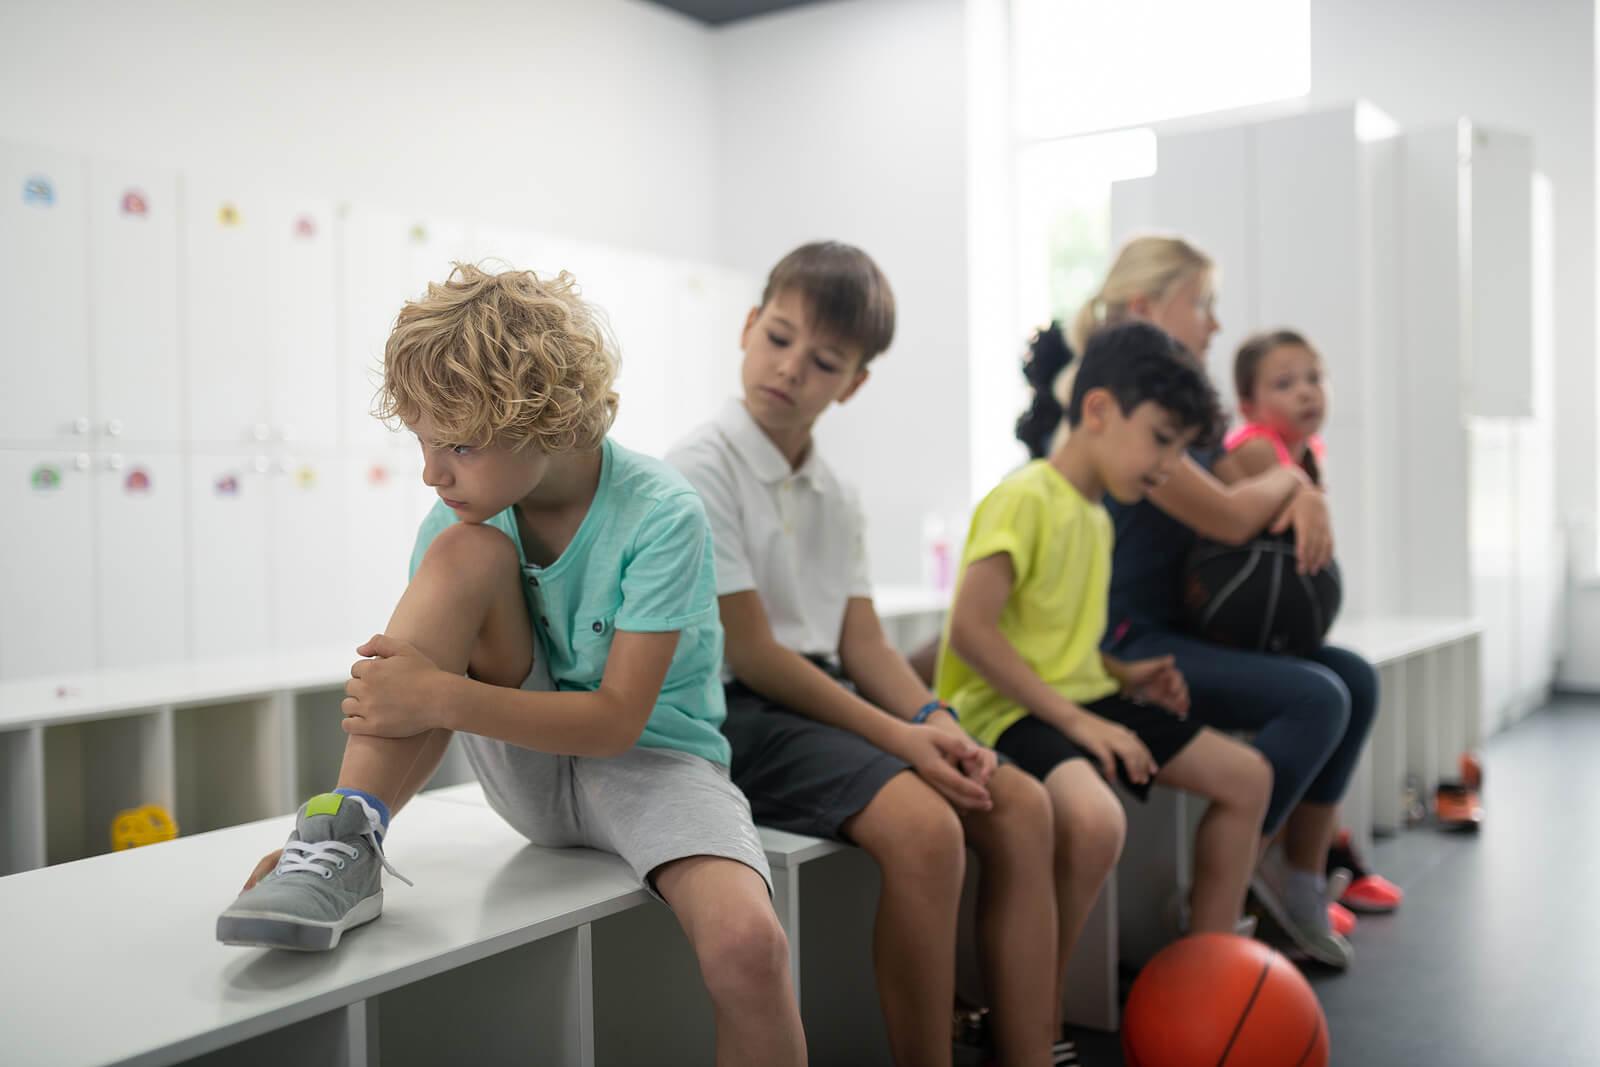 Niño en el vestuario sufriendo acoso en el deporte.